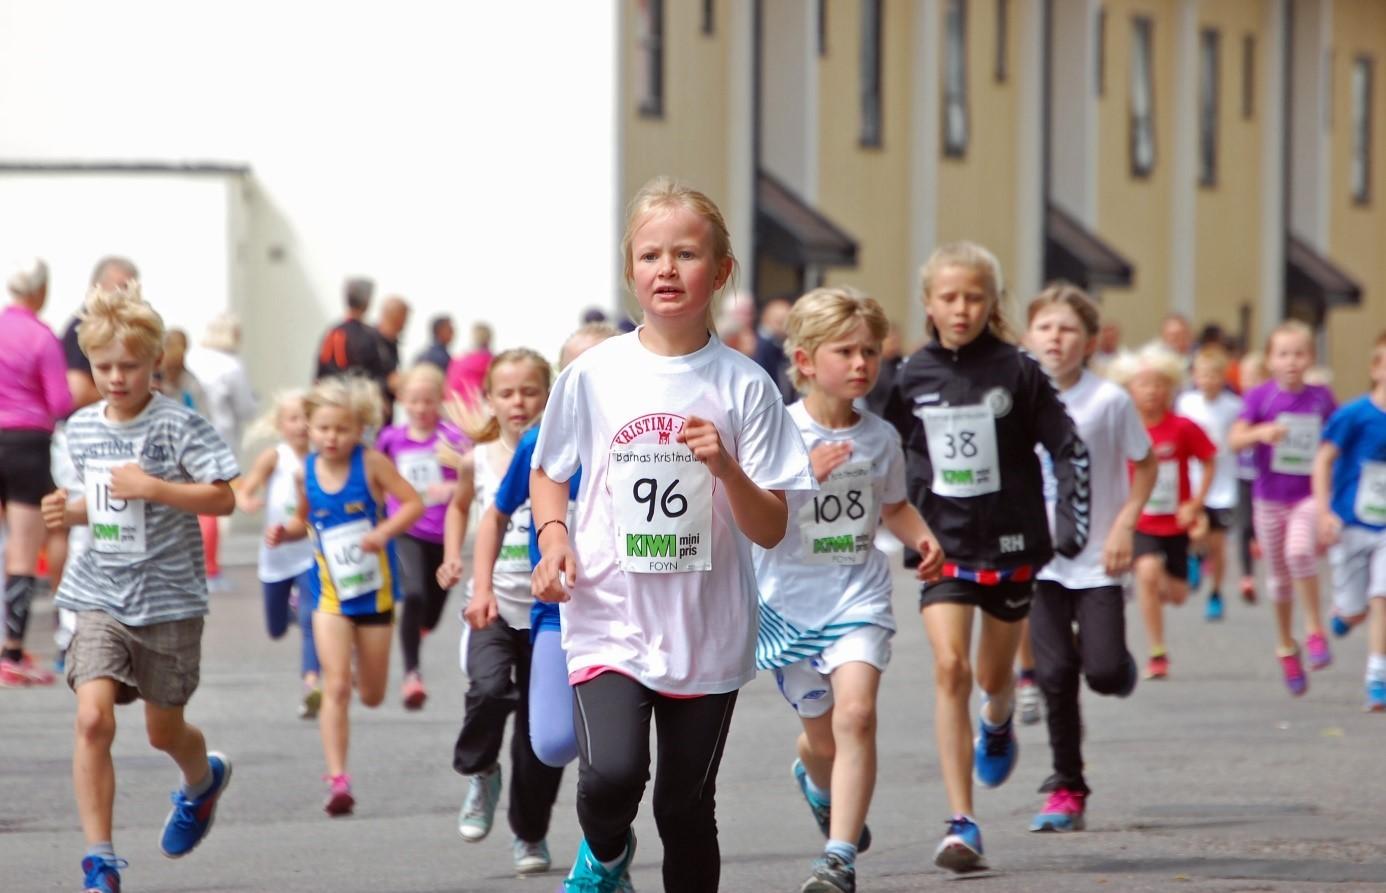 Barneløpet_arrfoto.jpg